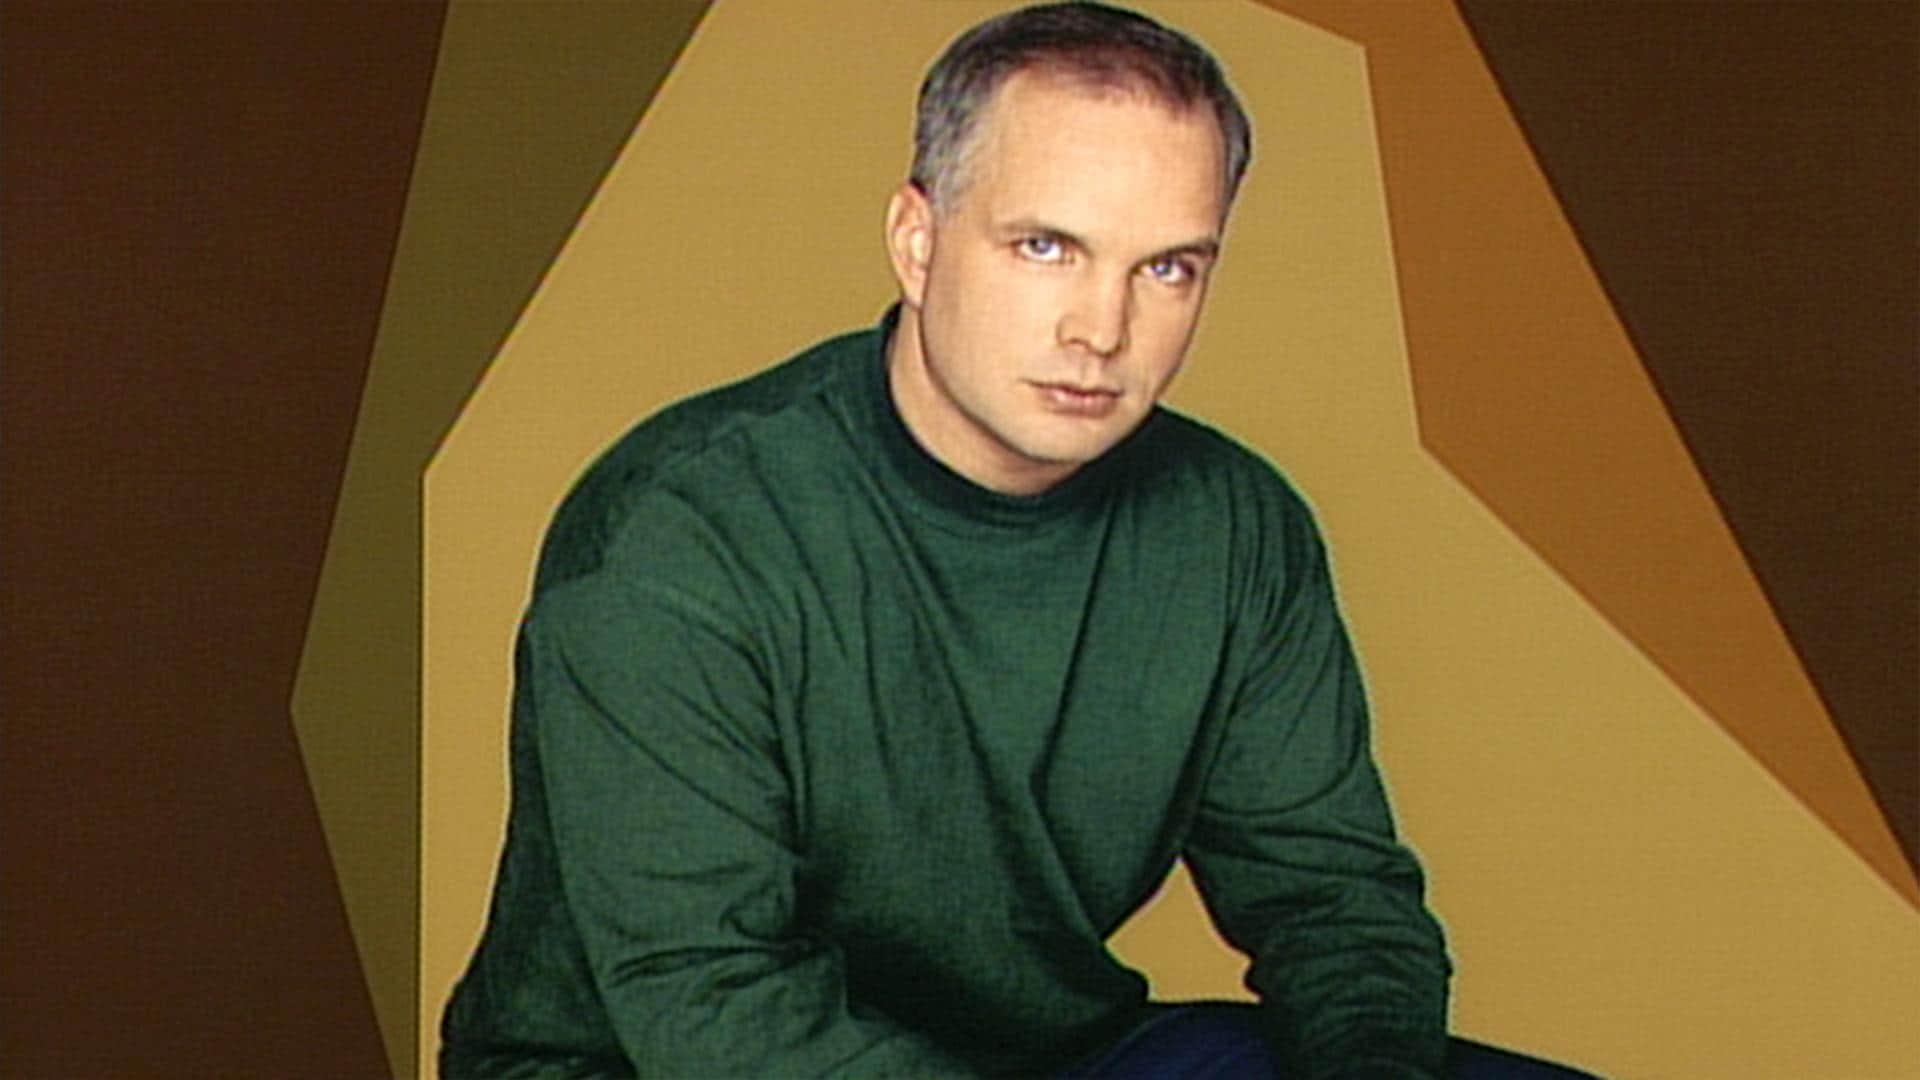 Garth Brooks: February 28, 1998